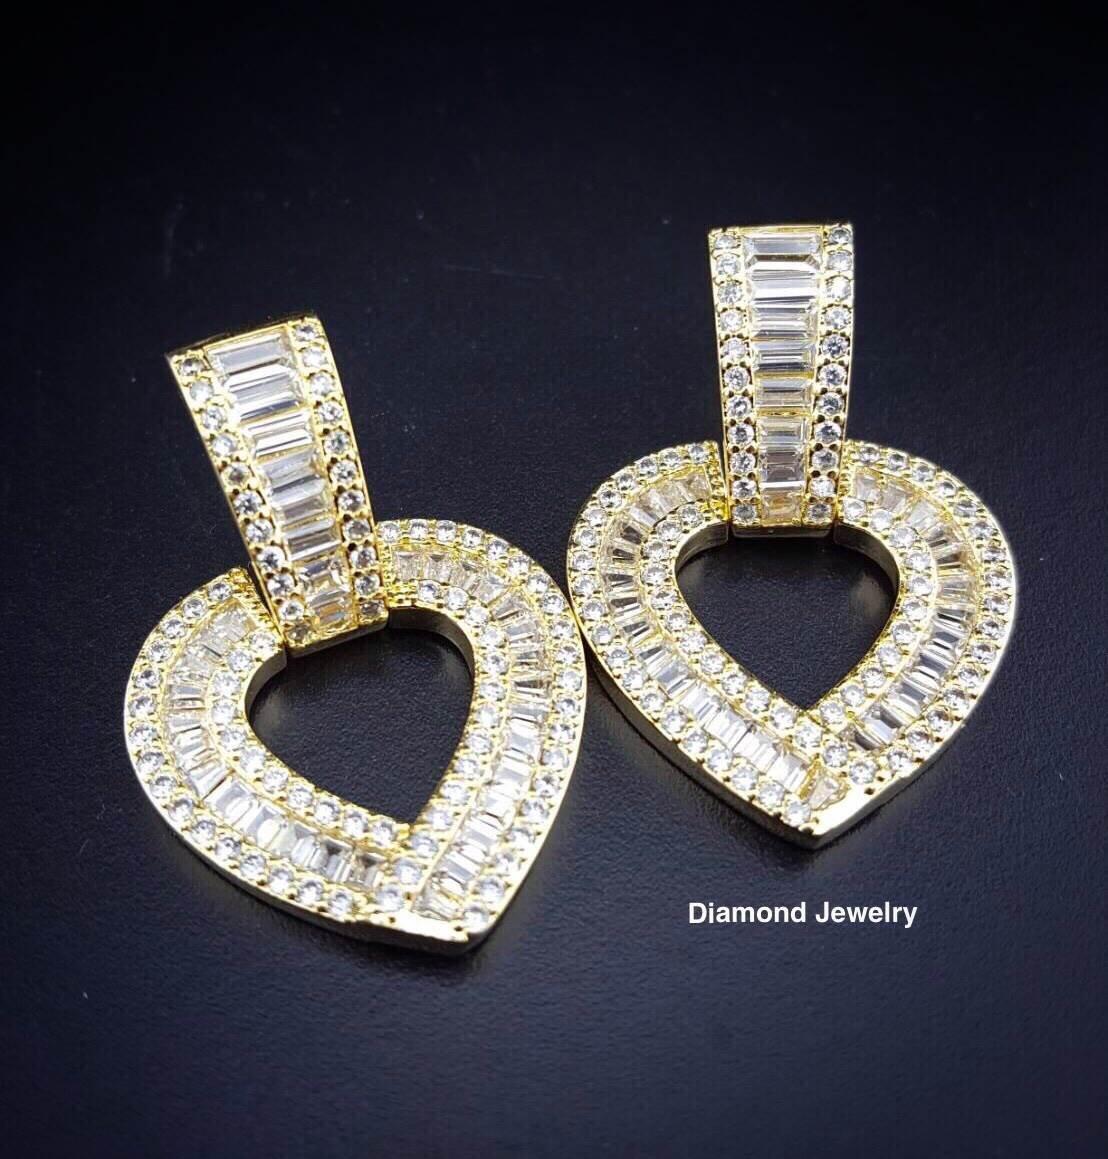 พร้อมส่ง Diamond Earring งานเพชร CZ แท้